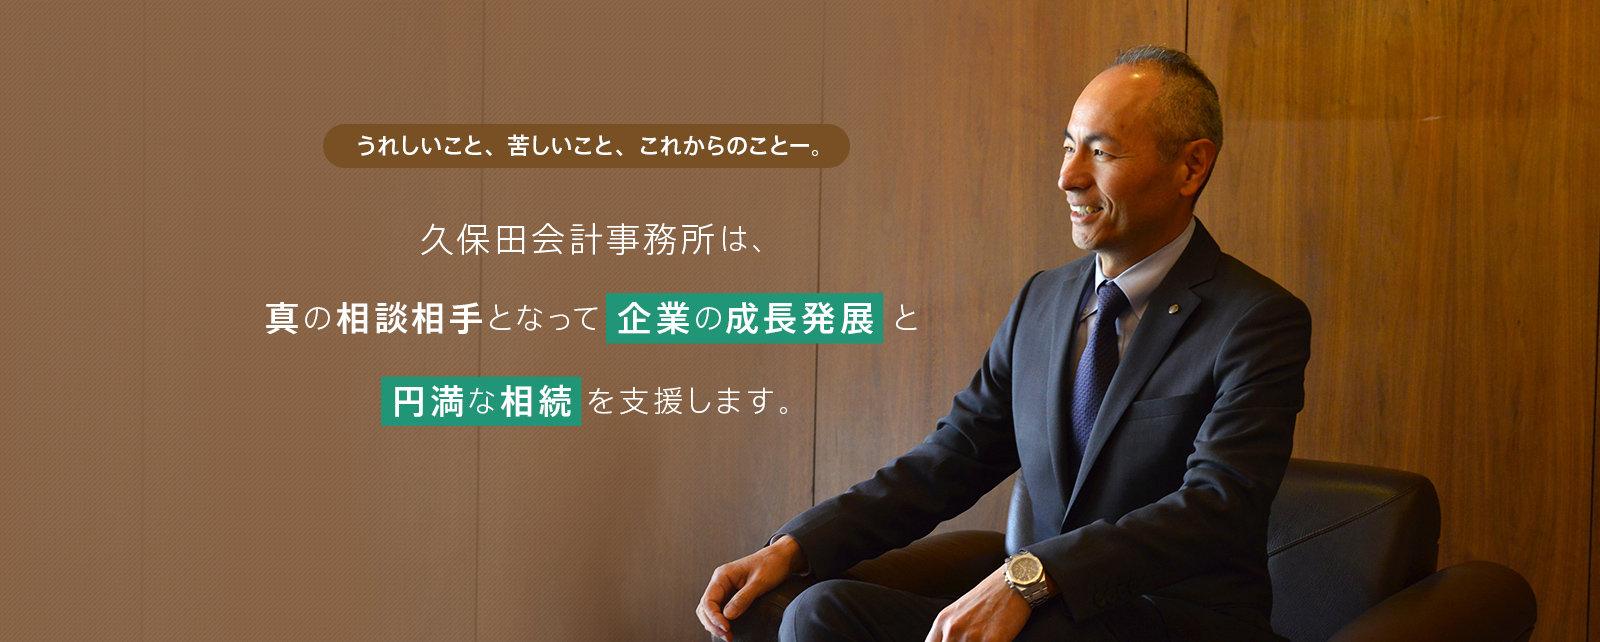 久保田会計事務所は、真の相談相手となって企業の成長発展と円満な相続を支援します。